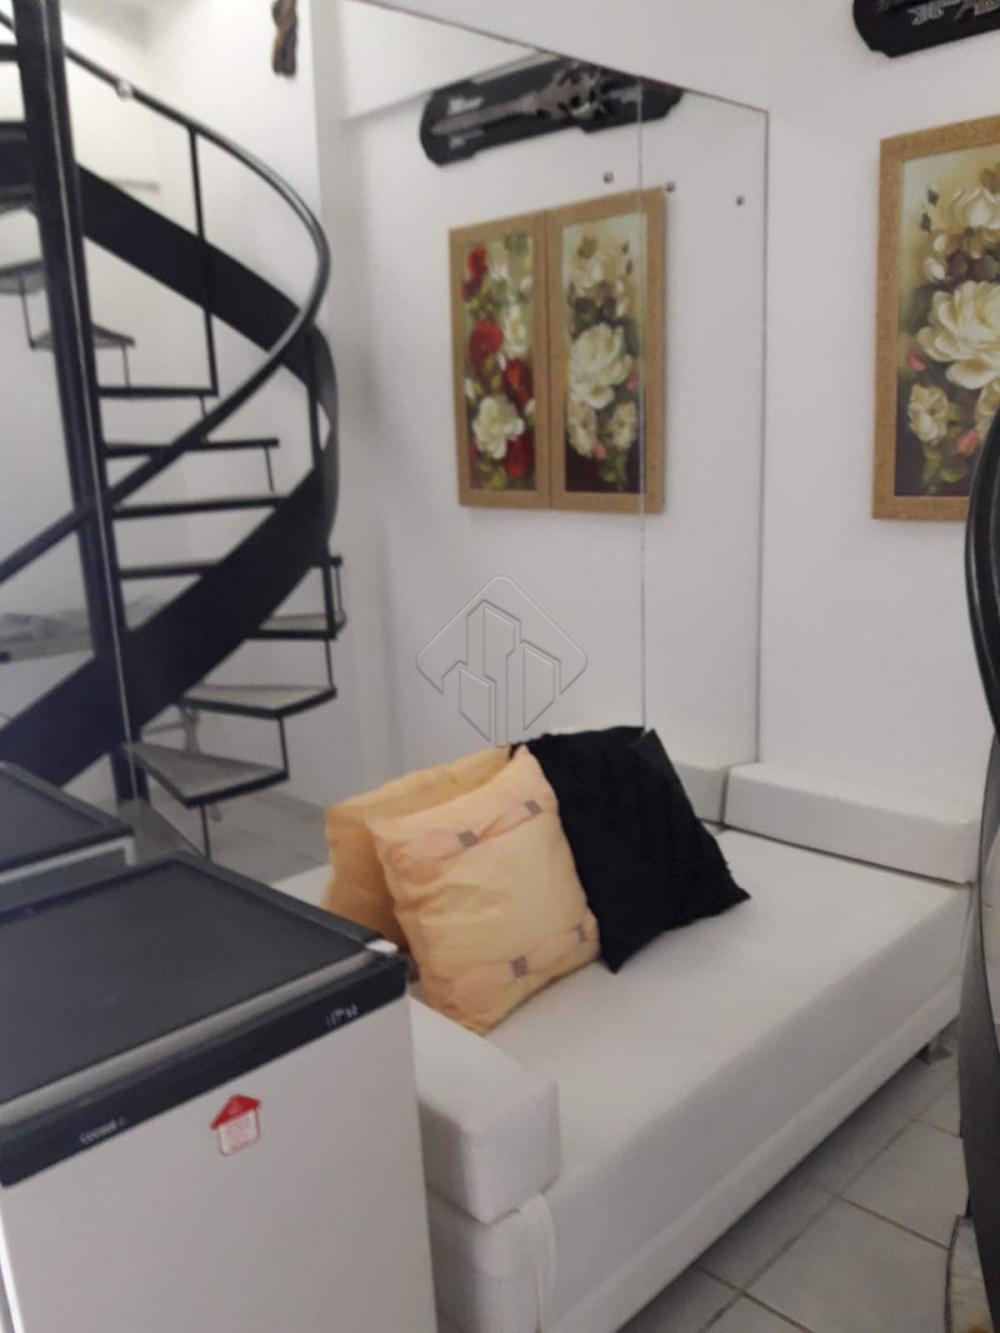 O bairro do Cabo Branco tem uma faixa litorânea privilegiada, é por esses e tantos outros fatores que muitas pessoas procuram imóveis nessa região buscando uma qualidade de vida, sem dúvida o imóvel dos seus sonhos está te esperando no Cabo Branco.   Localizado há 250 metros da praia de Tambaú e a 1 km da feira de Artesanato de João Pessoa.  O Apartamento duplex conta com:  -78 m² -Sala de estar -Sala de jantar -2 Quartos, sendo uma suíte -WC social -Cozinha Americana -Ar condicionado em todos os cômodos -Varanda -1 Vaga de Garagem  O condomínio possui:  -Piscina -Academia de ginástica -Área de recreação -Instalação para conferência -Salão de banquetes  Marque agora mesmo uma visita e aproveite os melhores momentos com a sua família de casa nova!  AGENDE AGORA SUA VISITA TEIXEIRA DE CARVALHO IMOBILIÁRIA CRECI 304J - (83) 2106-4545